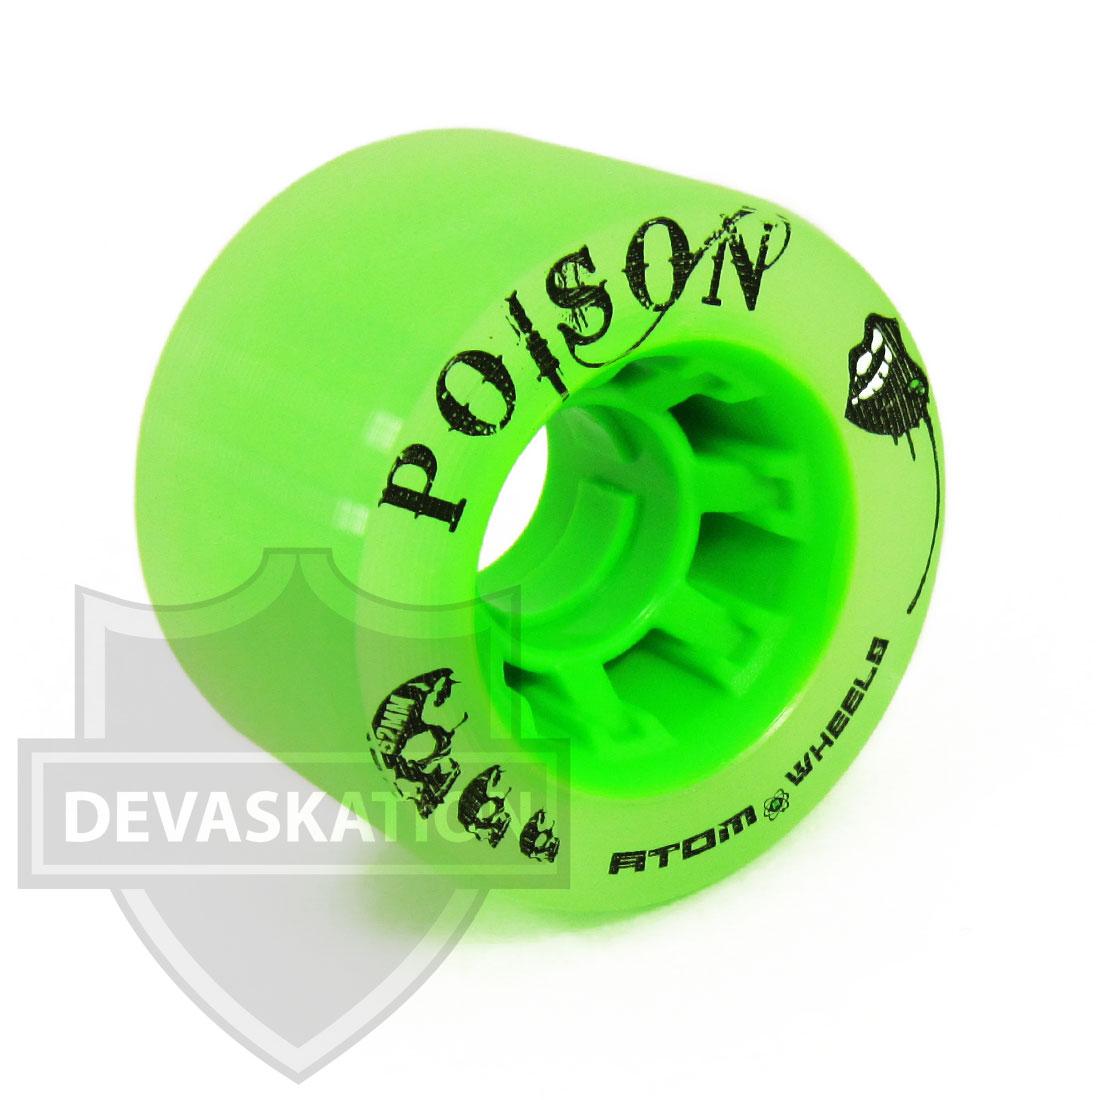 Black /& Pink 3 Item Bundle Atom Poison Savant Hybrid Roller Skate Wheels with Rollerbones Bearings Installed and 3-Way Tool!